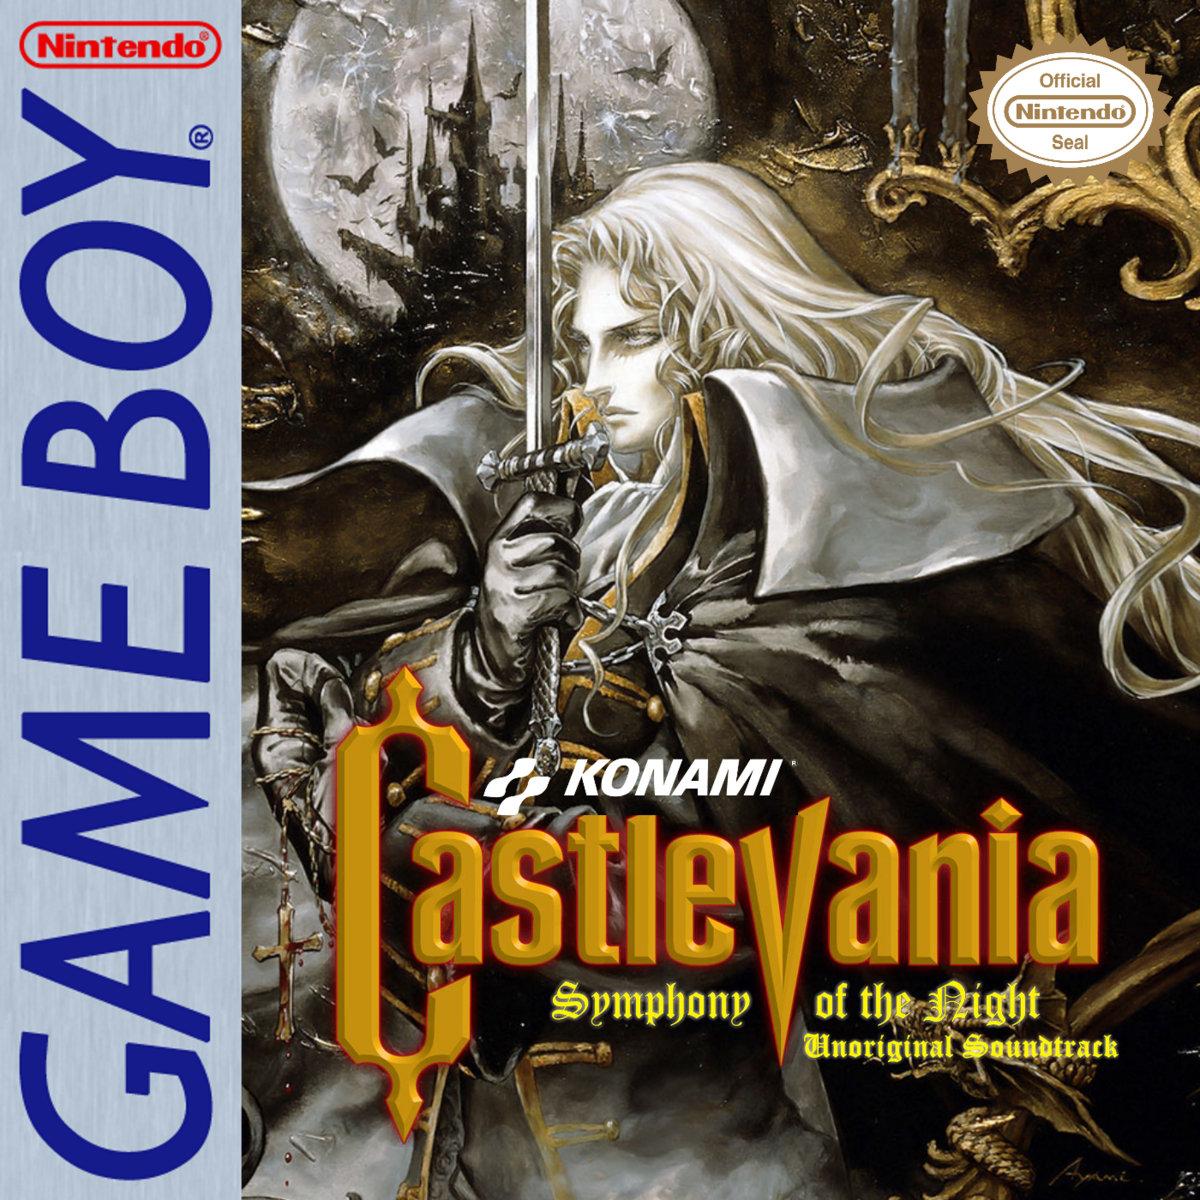 Castlevania: Symphony of the Night (Game Boy) - Unoriginal